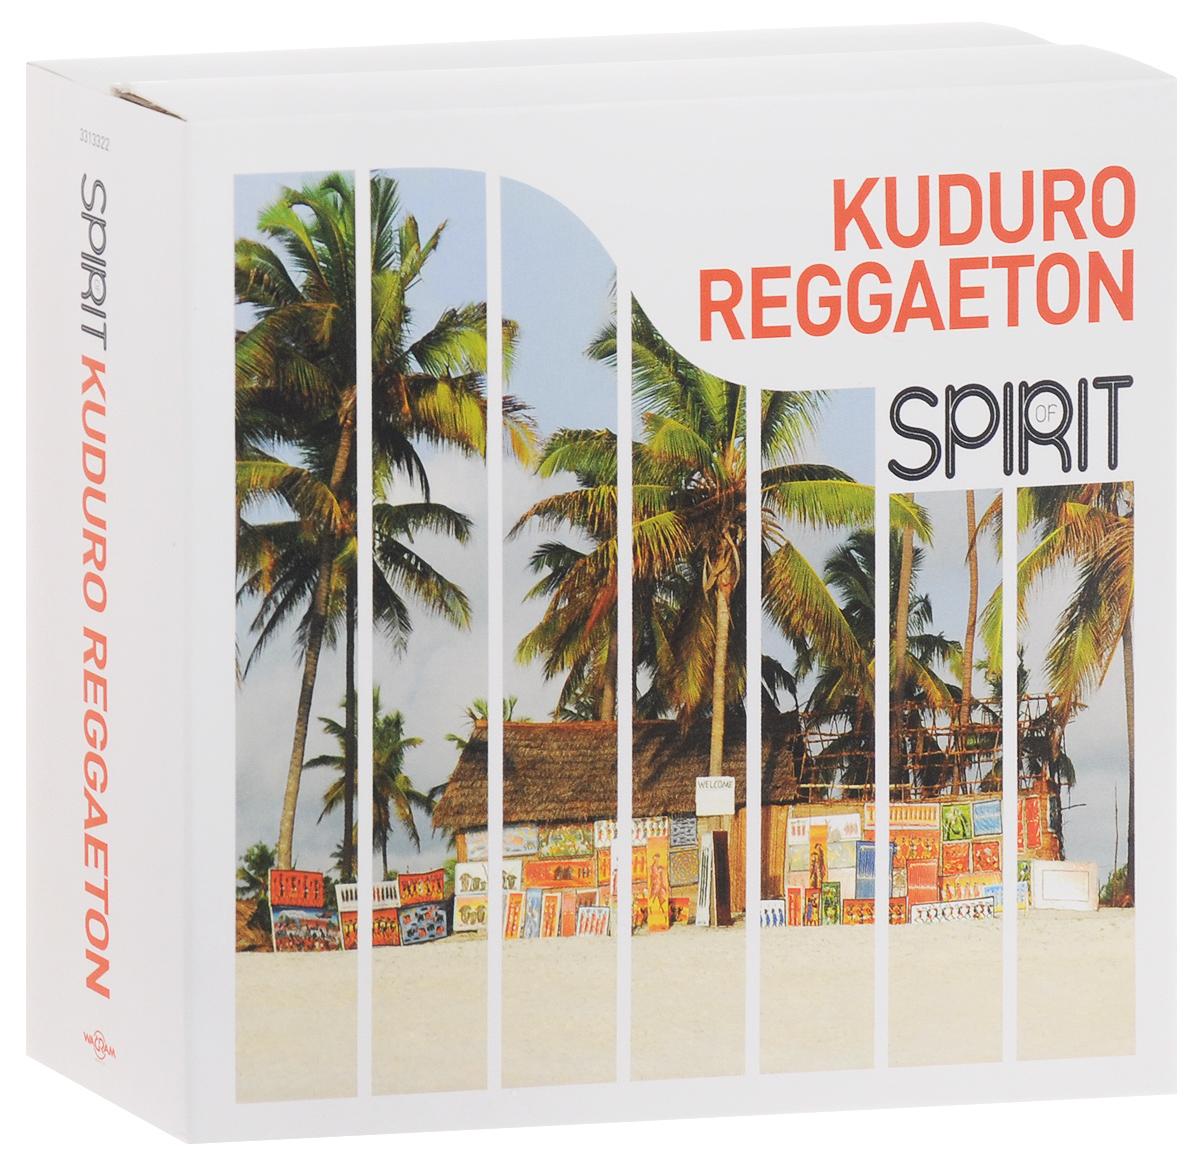 Spirit Of Kuduro Reggaeton (4 CD)